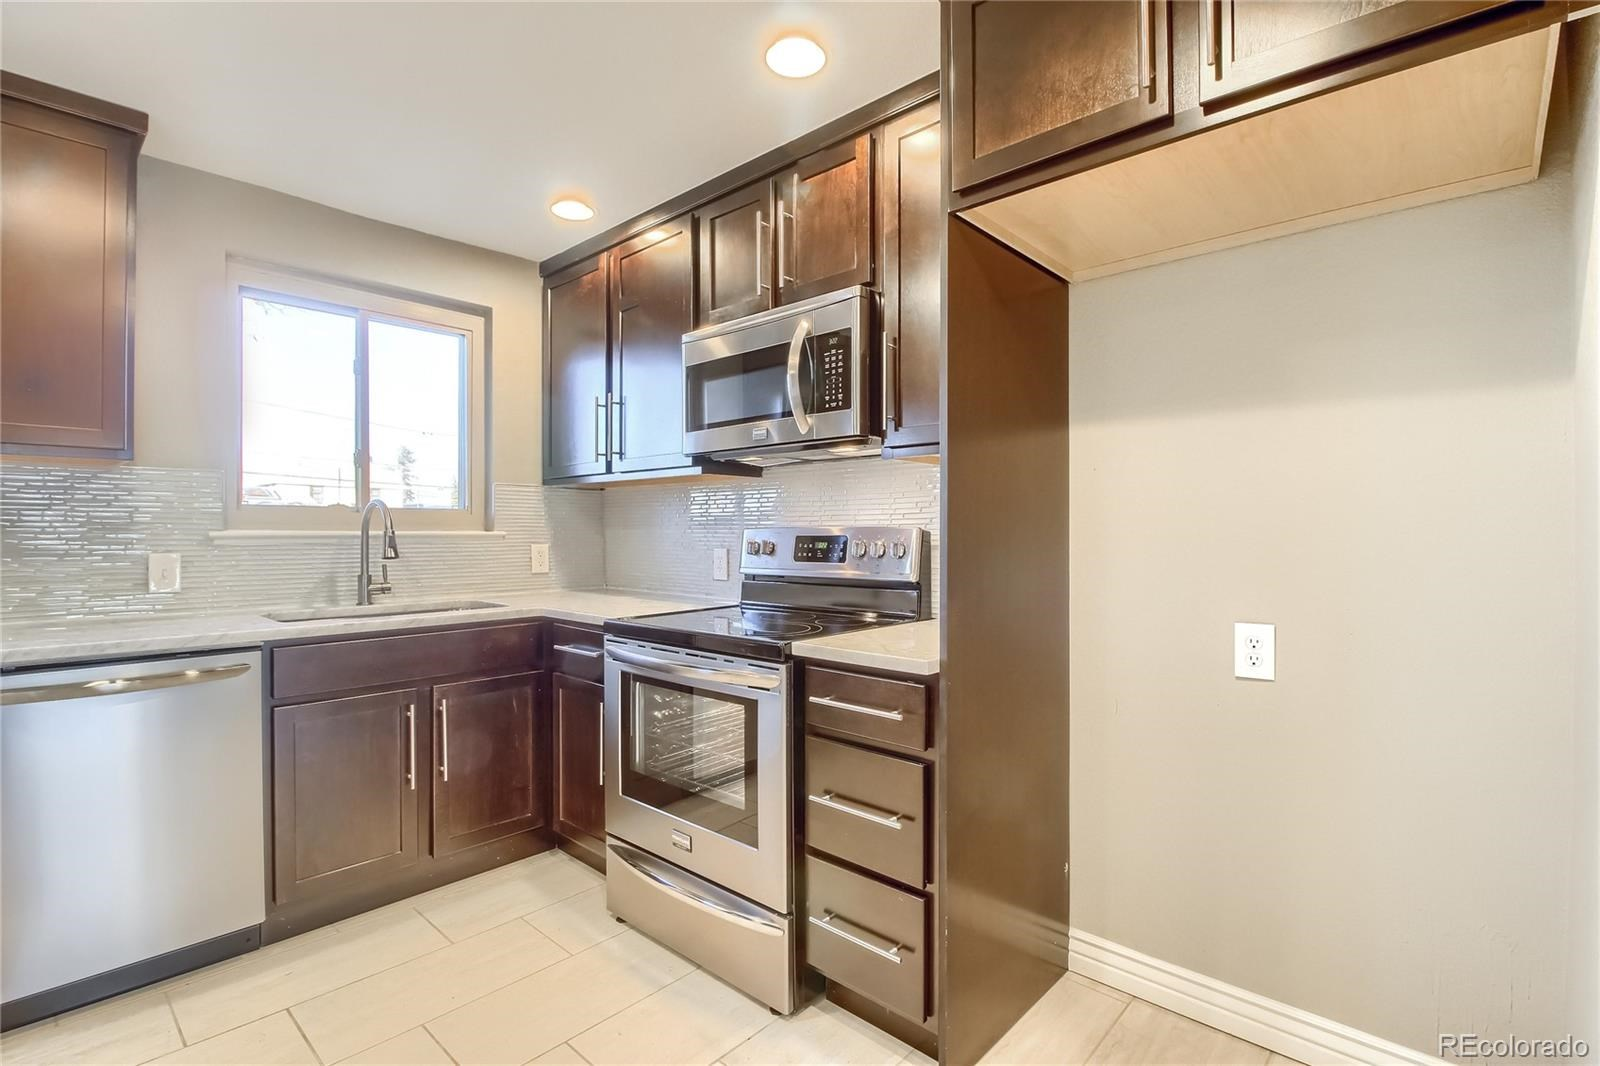 MLS# 5737383 - 16 - 4555 W 33rd Avenue, Denver, CO 80212